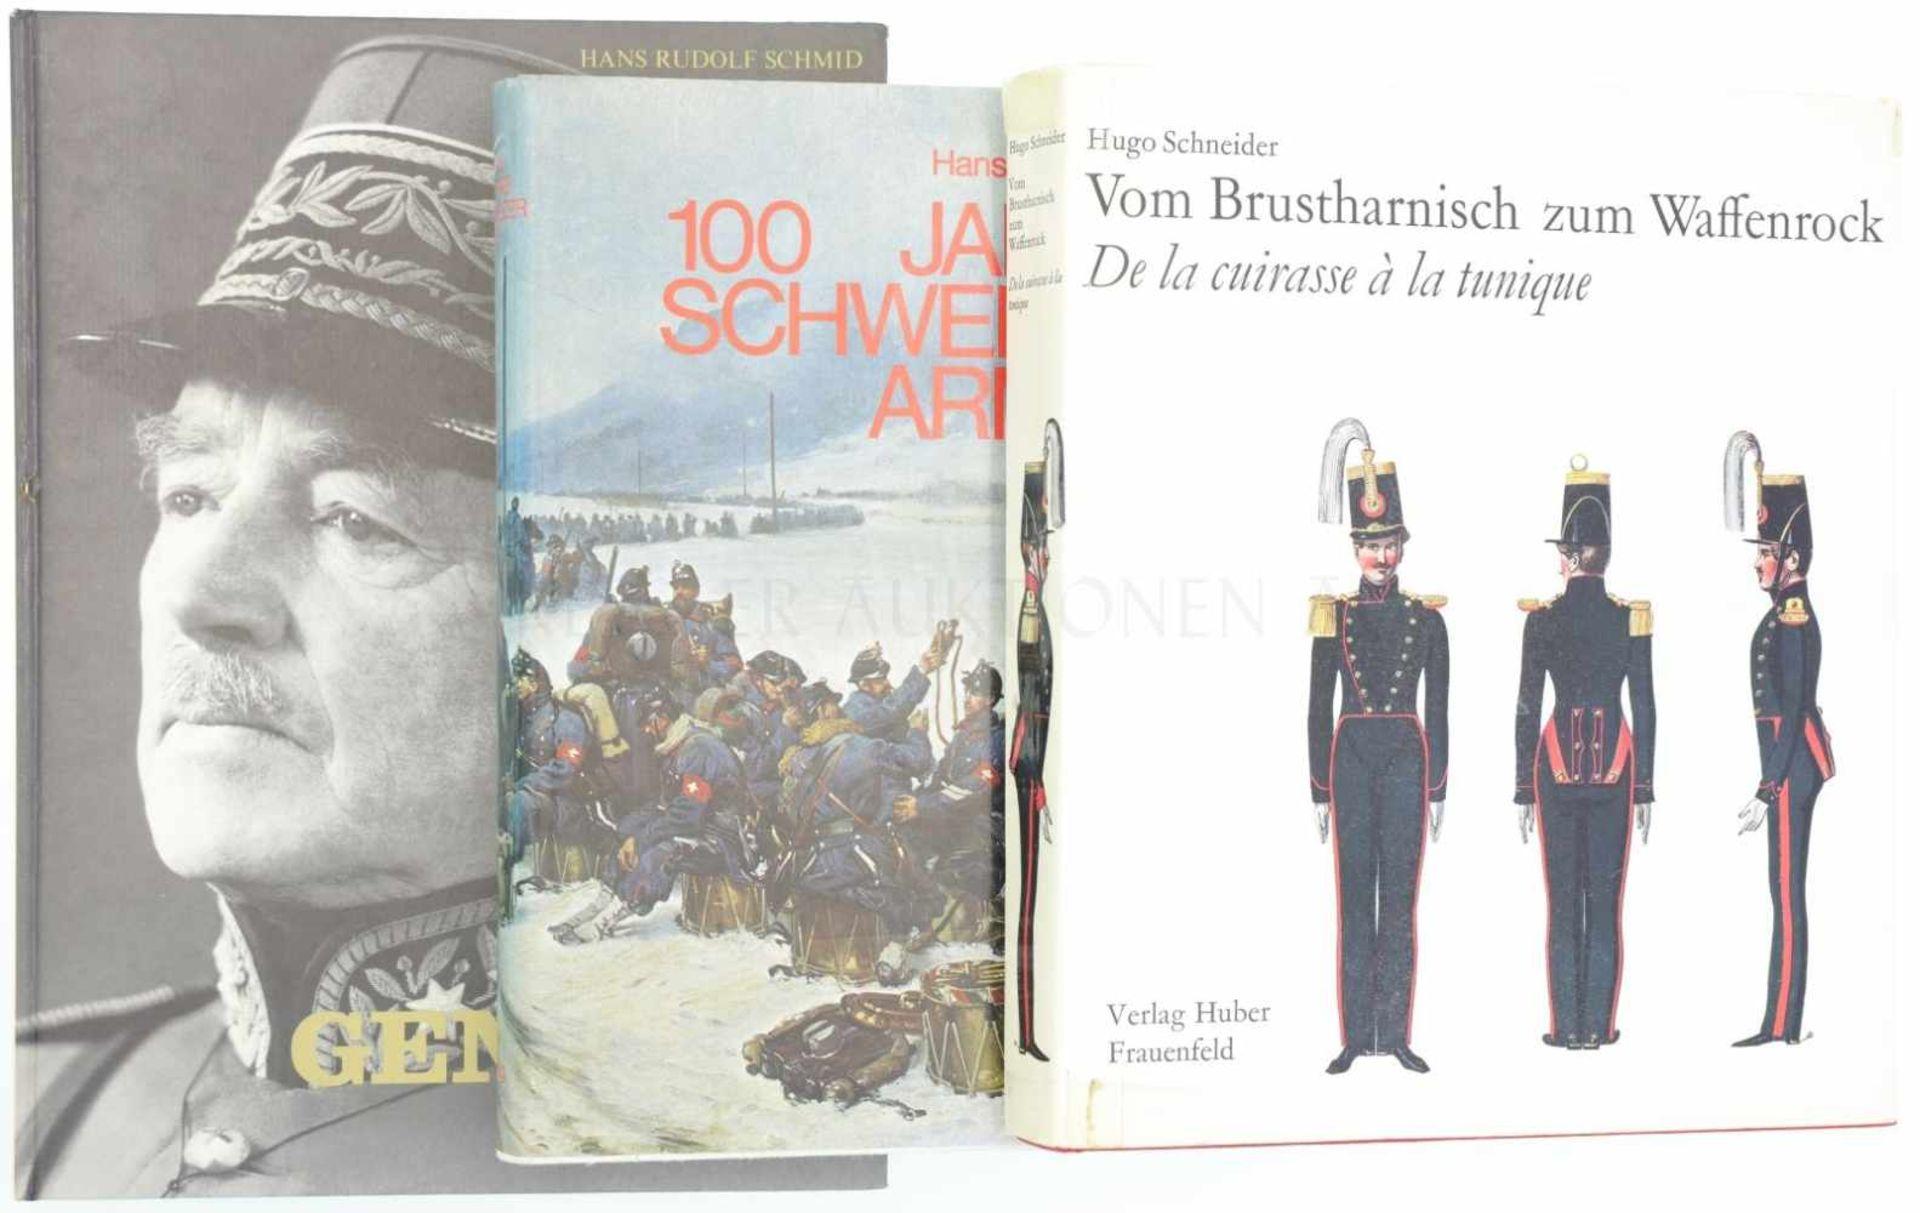 Konvolut von 3 Büchern 1. 100 Jahre Schweizer Armee, Ausg. 1978 Ott Verlag Thun. 2. Vom